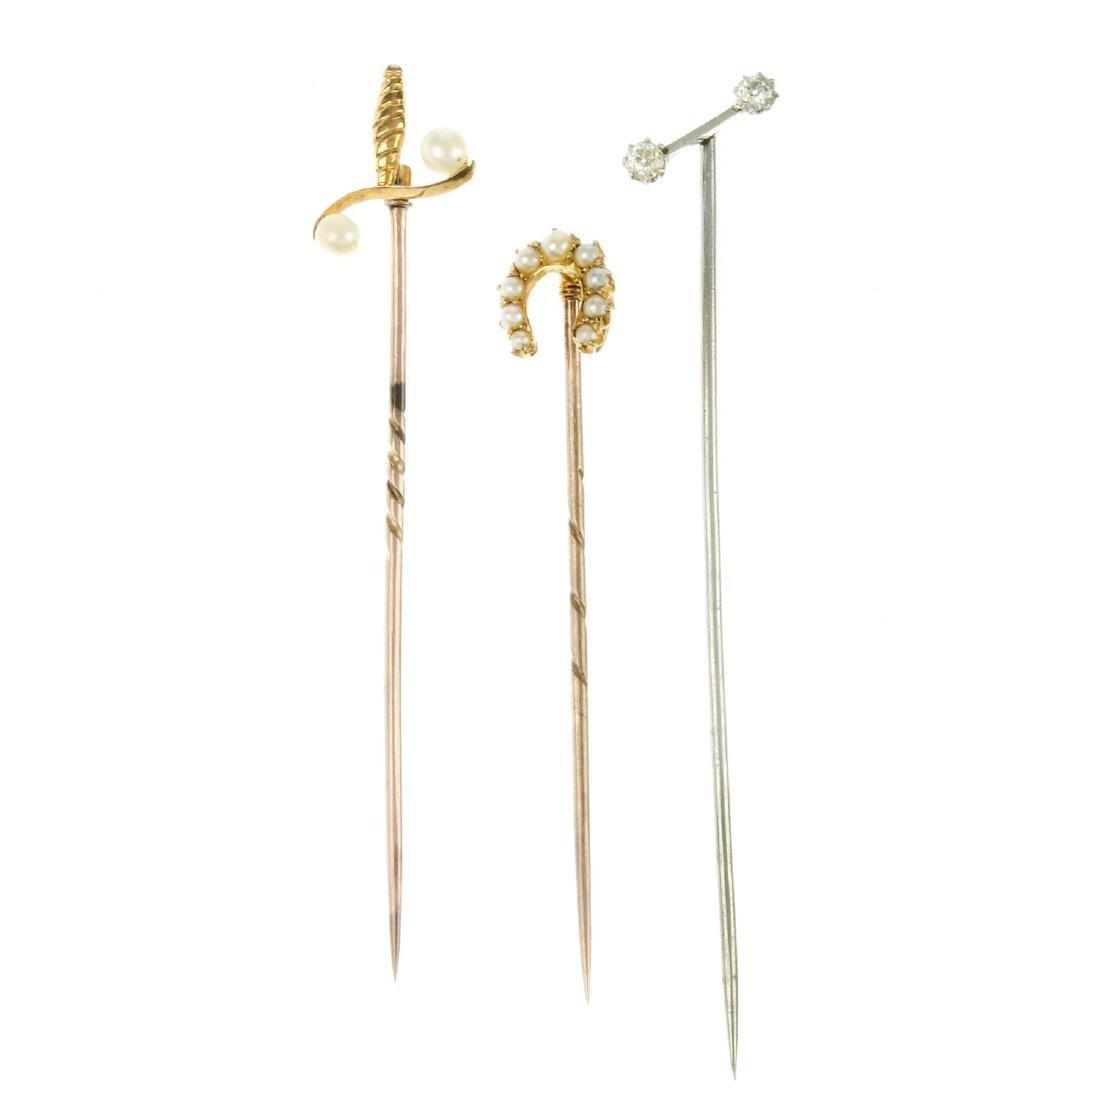 Three gem-set stickpins. The first a diagonal bar with